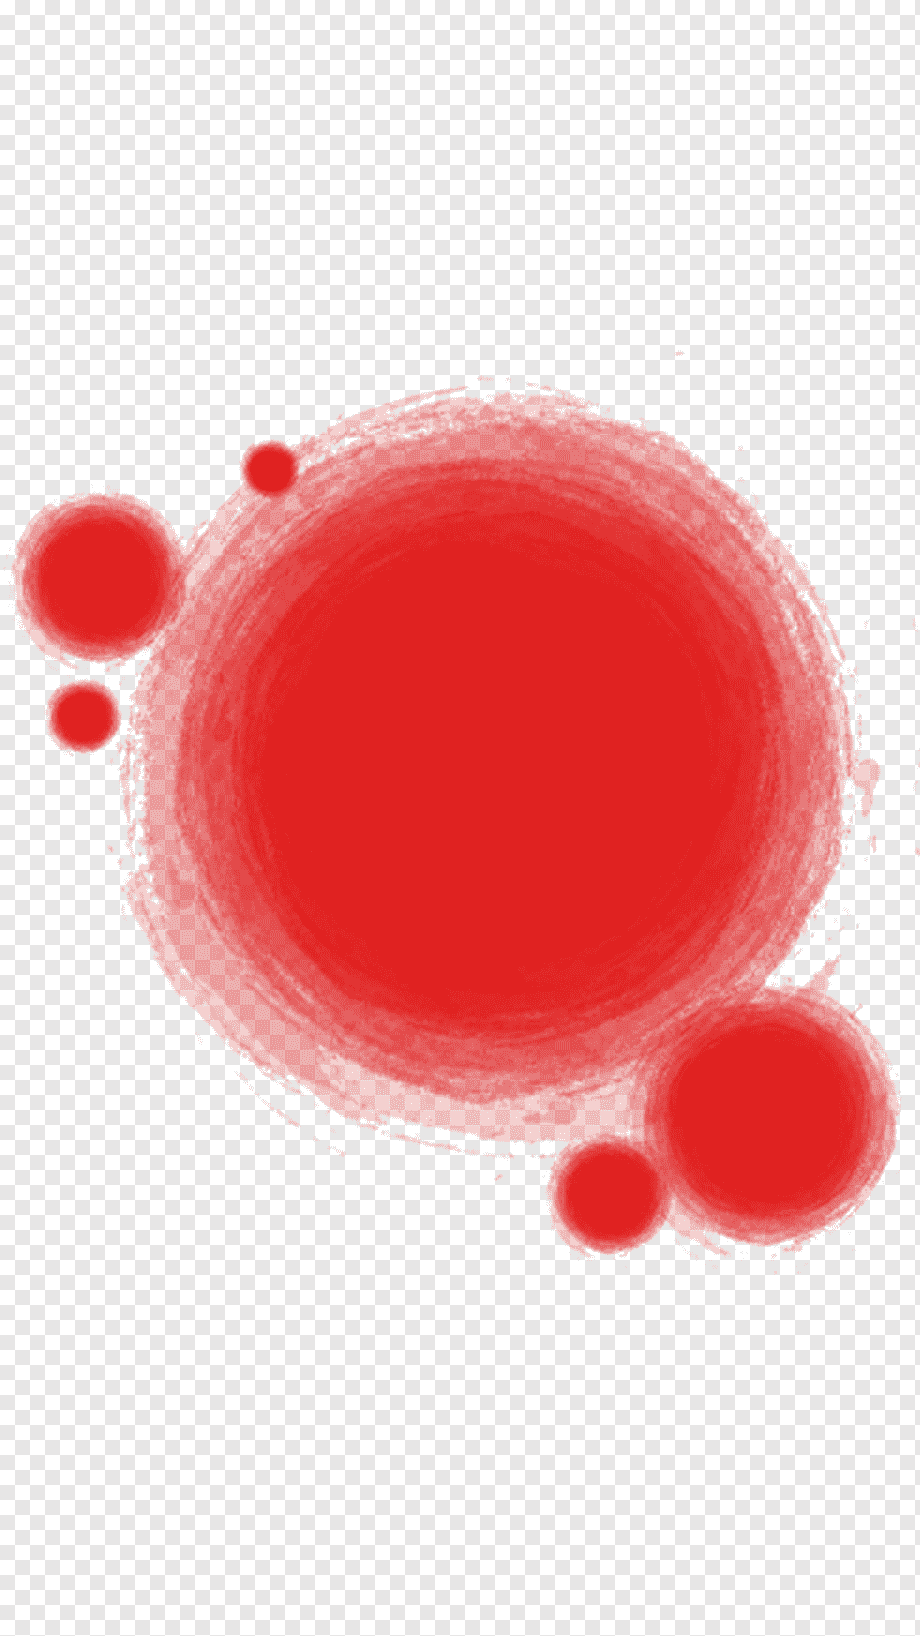 Lingkaran Merah Png : lingkaran, merah, Lingkaran, Cahaya, Merah,, Biru,, Tinta,, Oranye, PNGWing